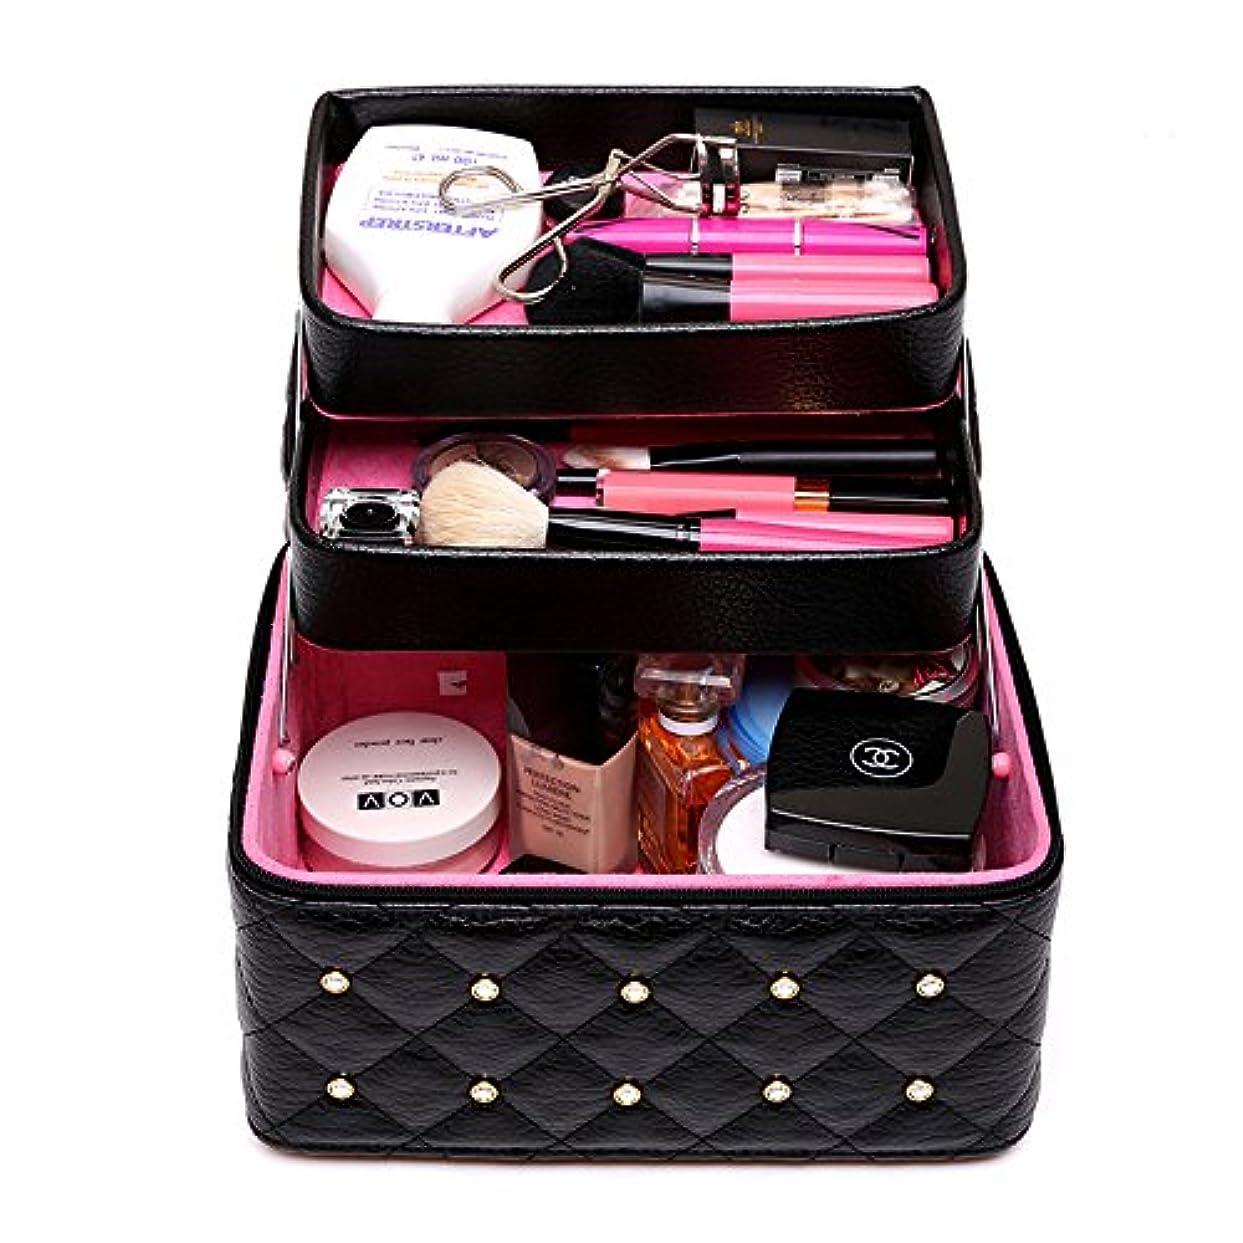 周波数ラメ飼い慣らすFYX メイクボックス コスメボックス 大容量 化粧品収納ボックス 収納ケース 小物入れ 大容量 取っ手付 (ブラック)